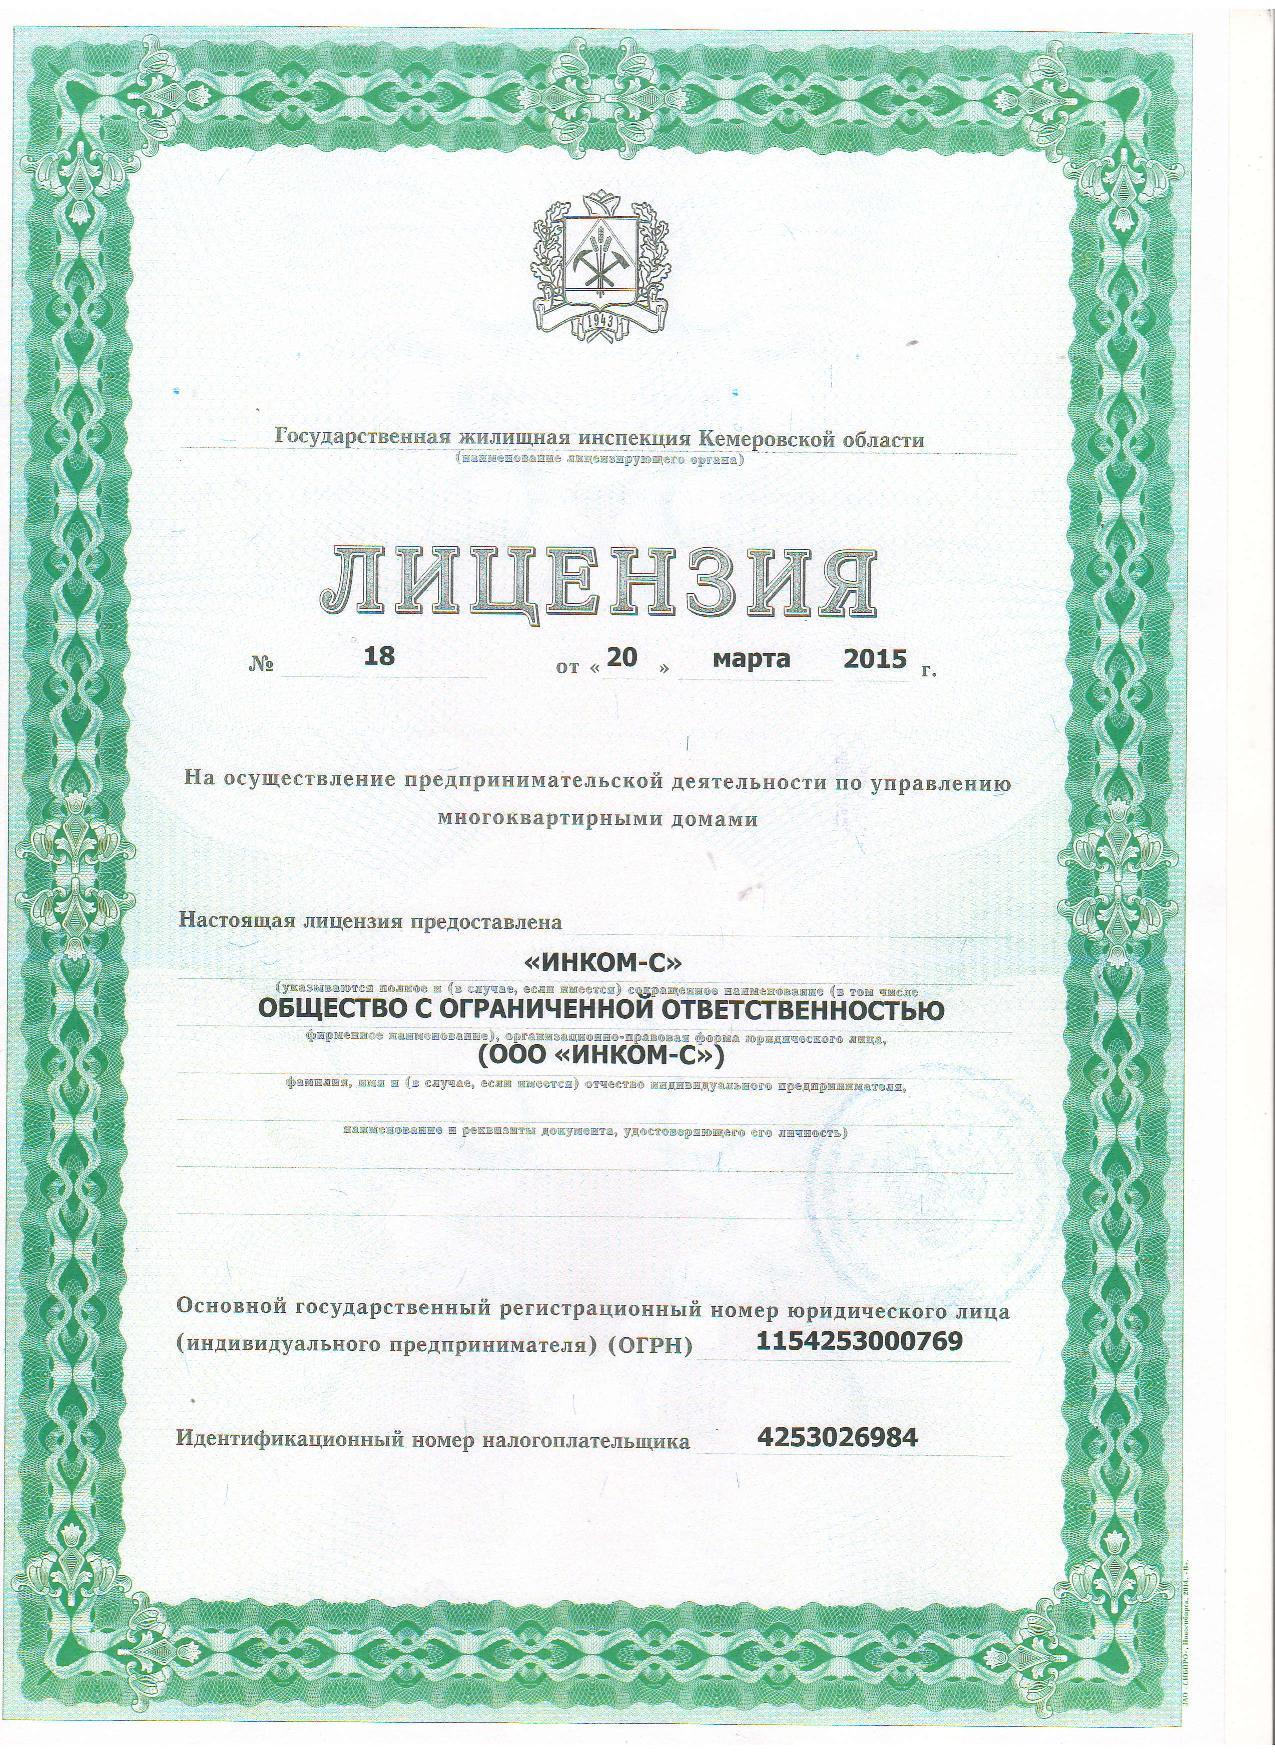 Лицензия на продажу ветпрепаратов